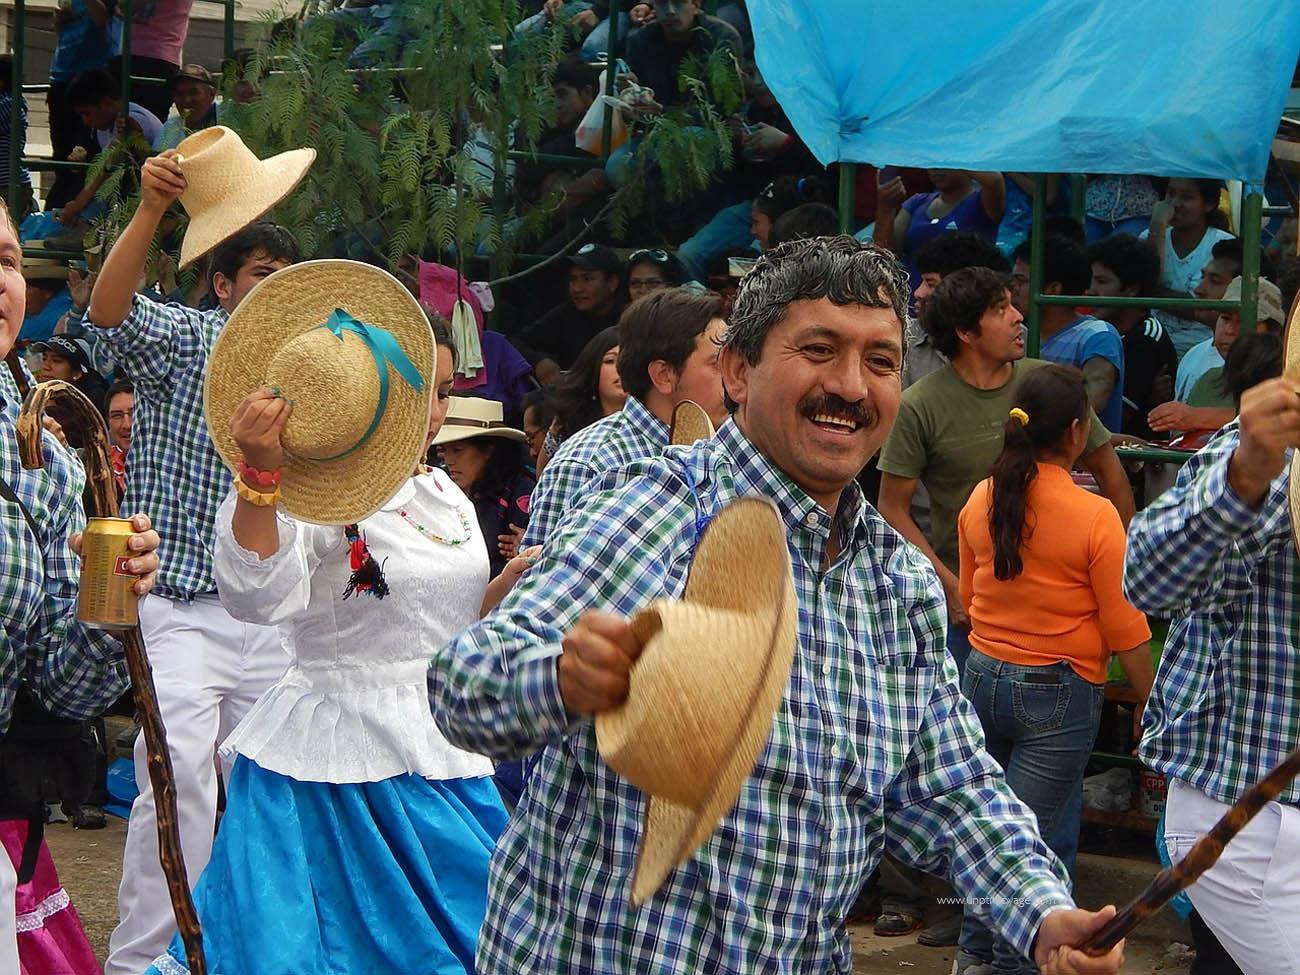 Perou-carnaval